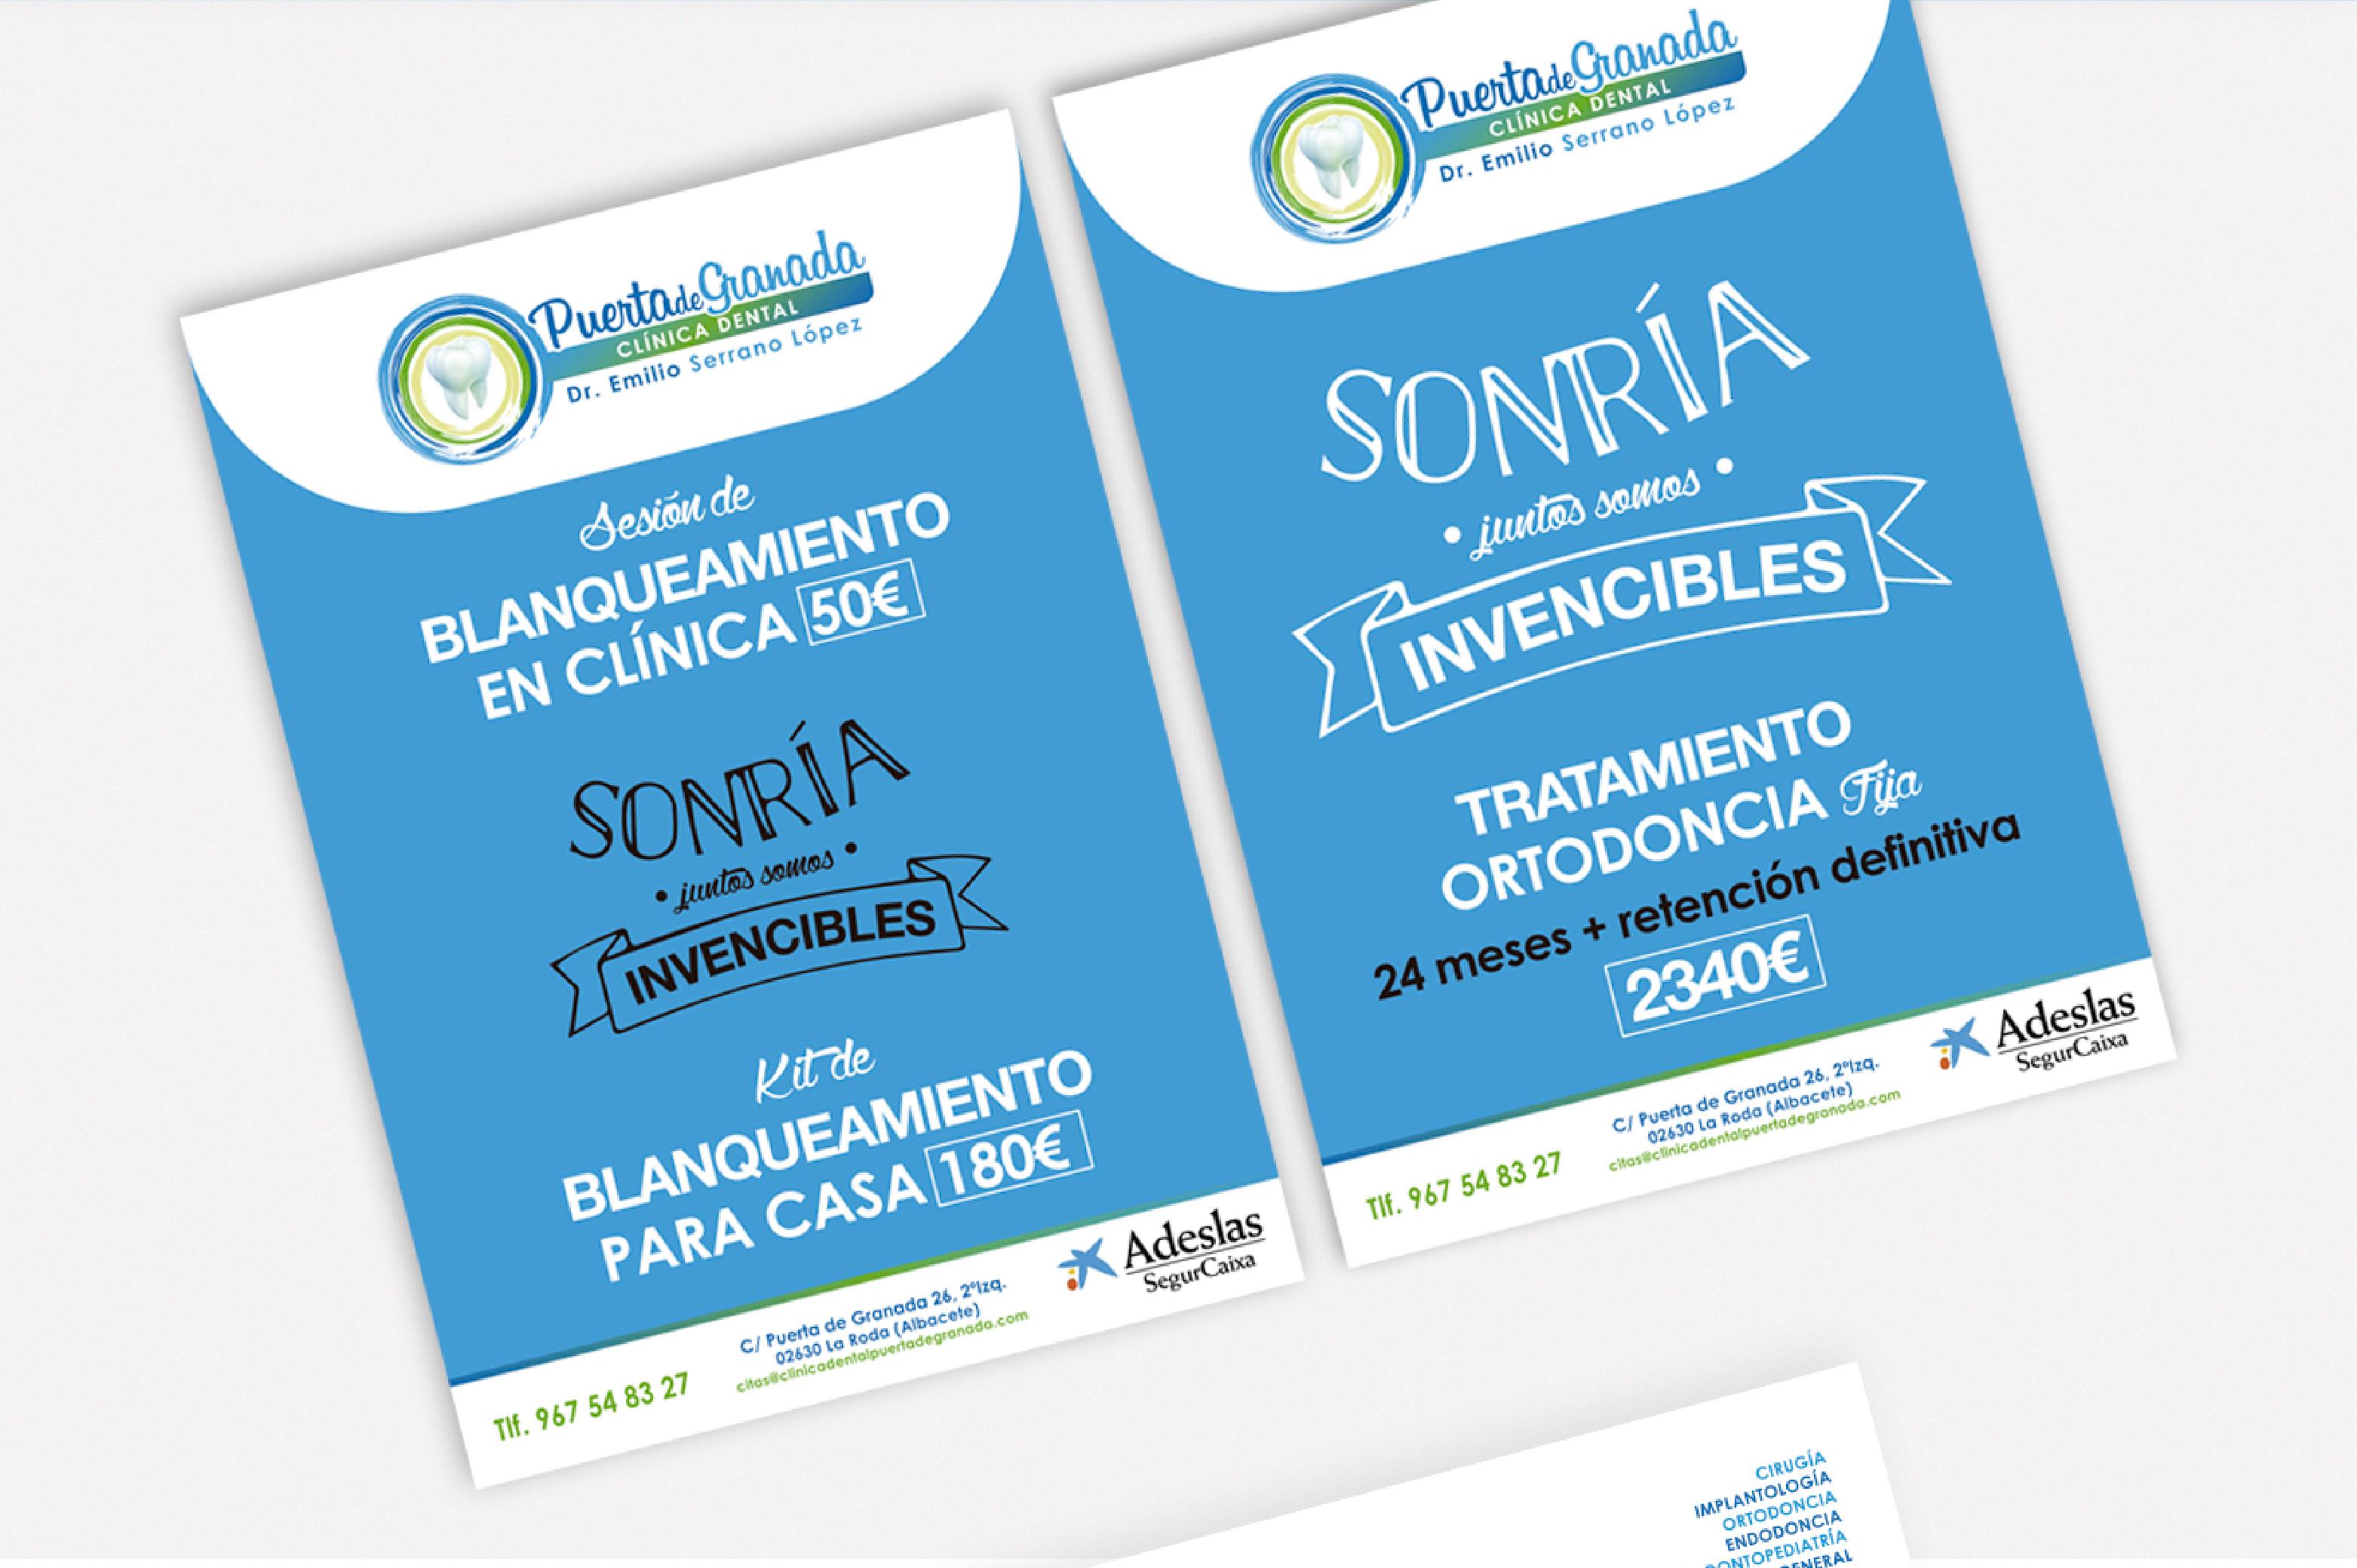 Diseño Gráfico Albacete, imprenta, diseño de folletos Albacete para Puerta de Granada